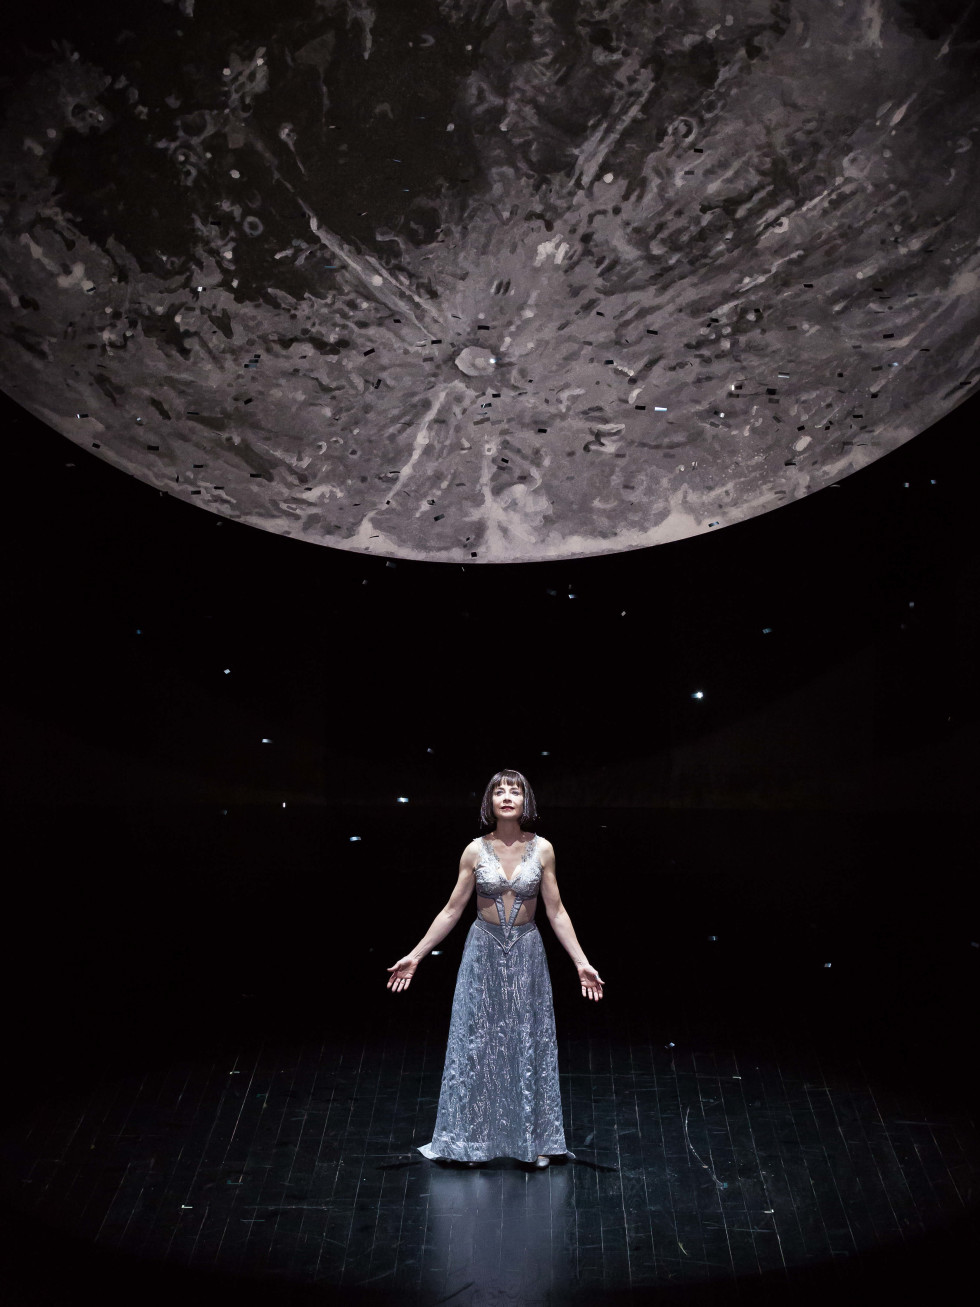 Josie de Guzman as Titania in the Alley Theatre's production of A Midsummer Night's Dream.